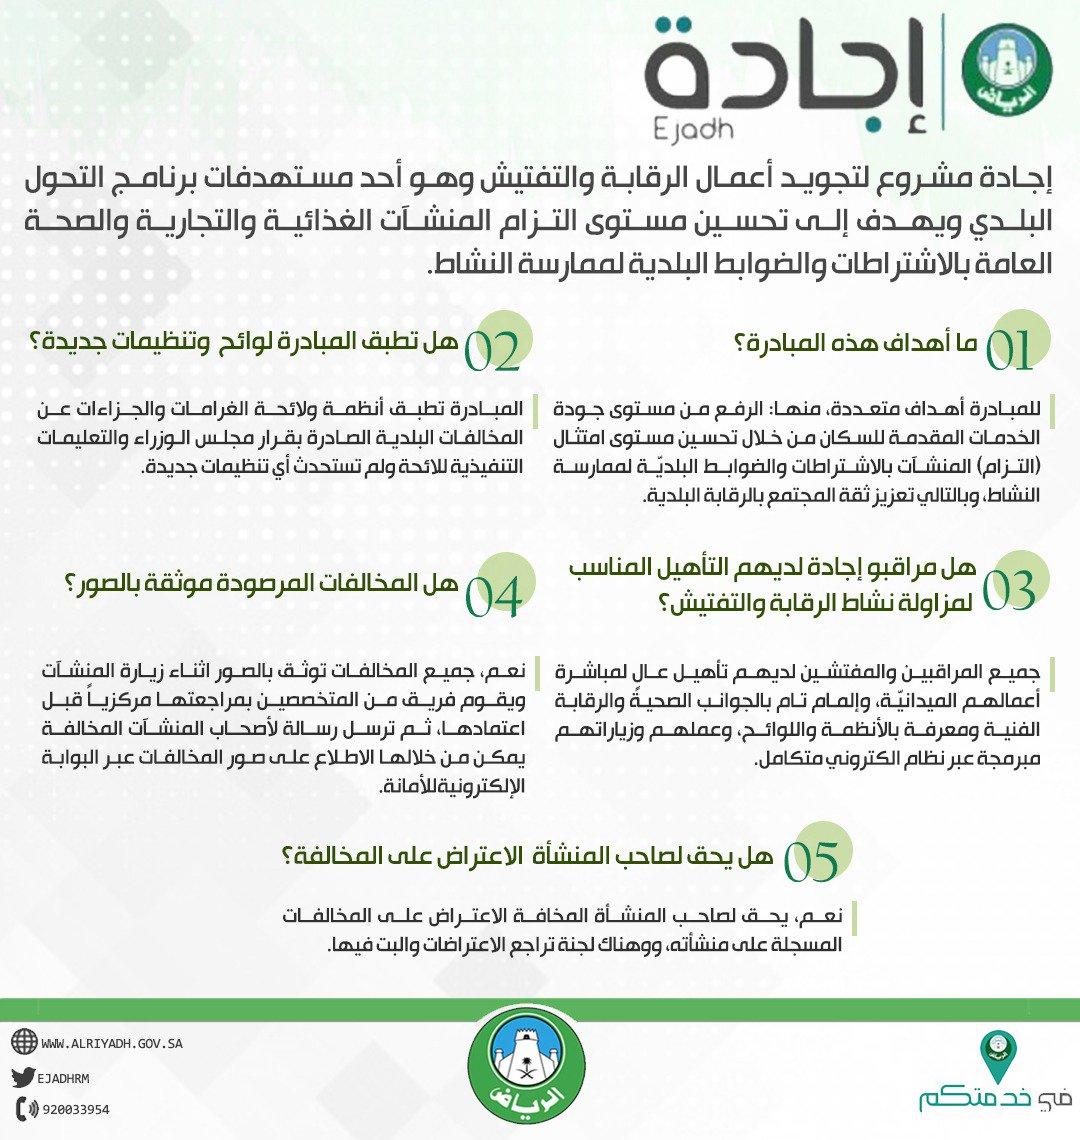 أمانة منطقة الرياض On Twitter أسئلة توضيحية عن مبادرة إجادة وآلية مساهمتها في تجويد أعمال الرقابة والتفتيش وتحسين التزام المنشآت الغذائية والتجارية والصحة العامة بالاشتراطات البلدية أمانة منطقة الرياض Https T Co 7xrway9icv